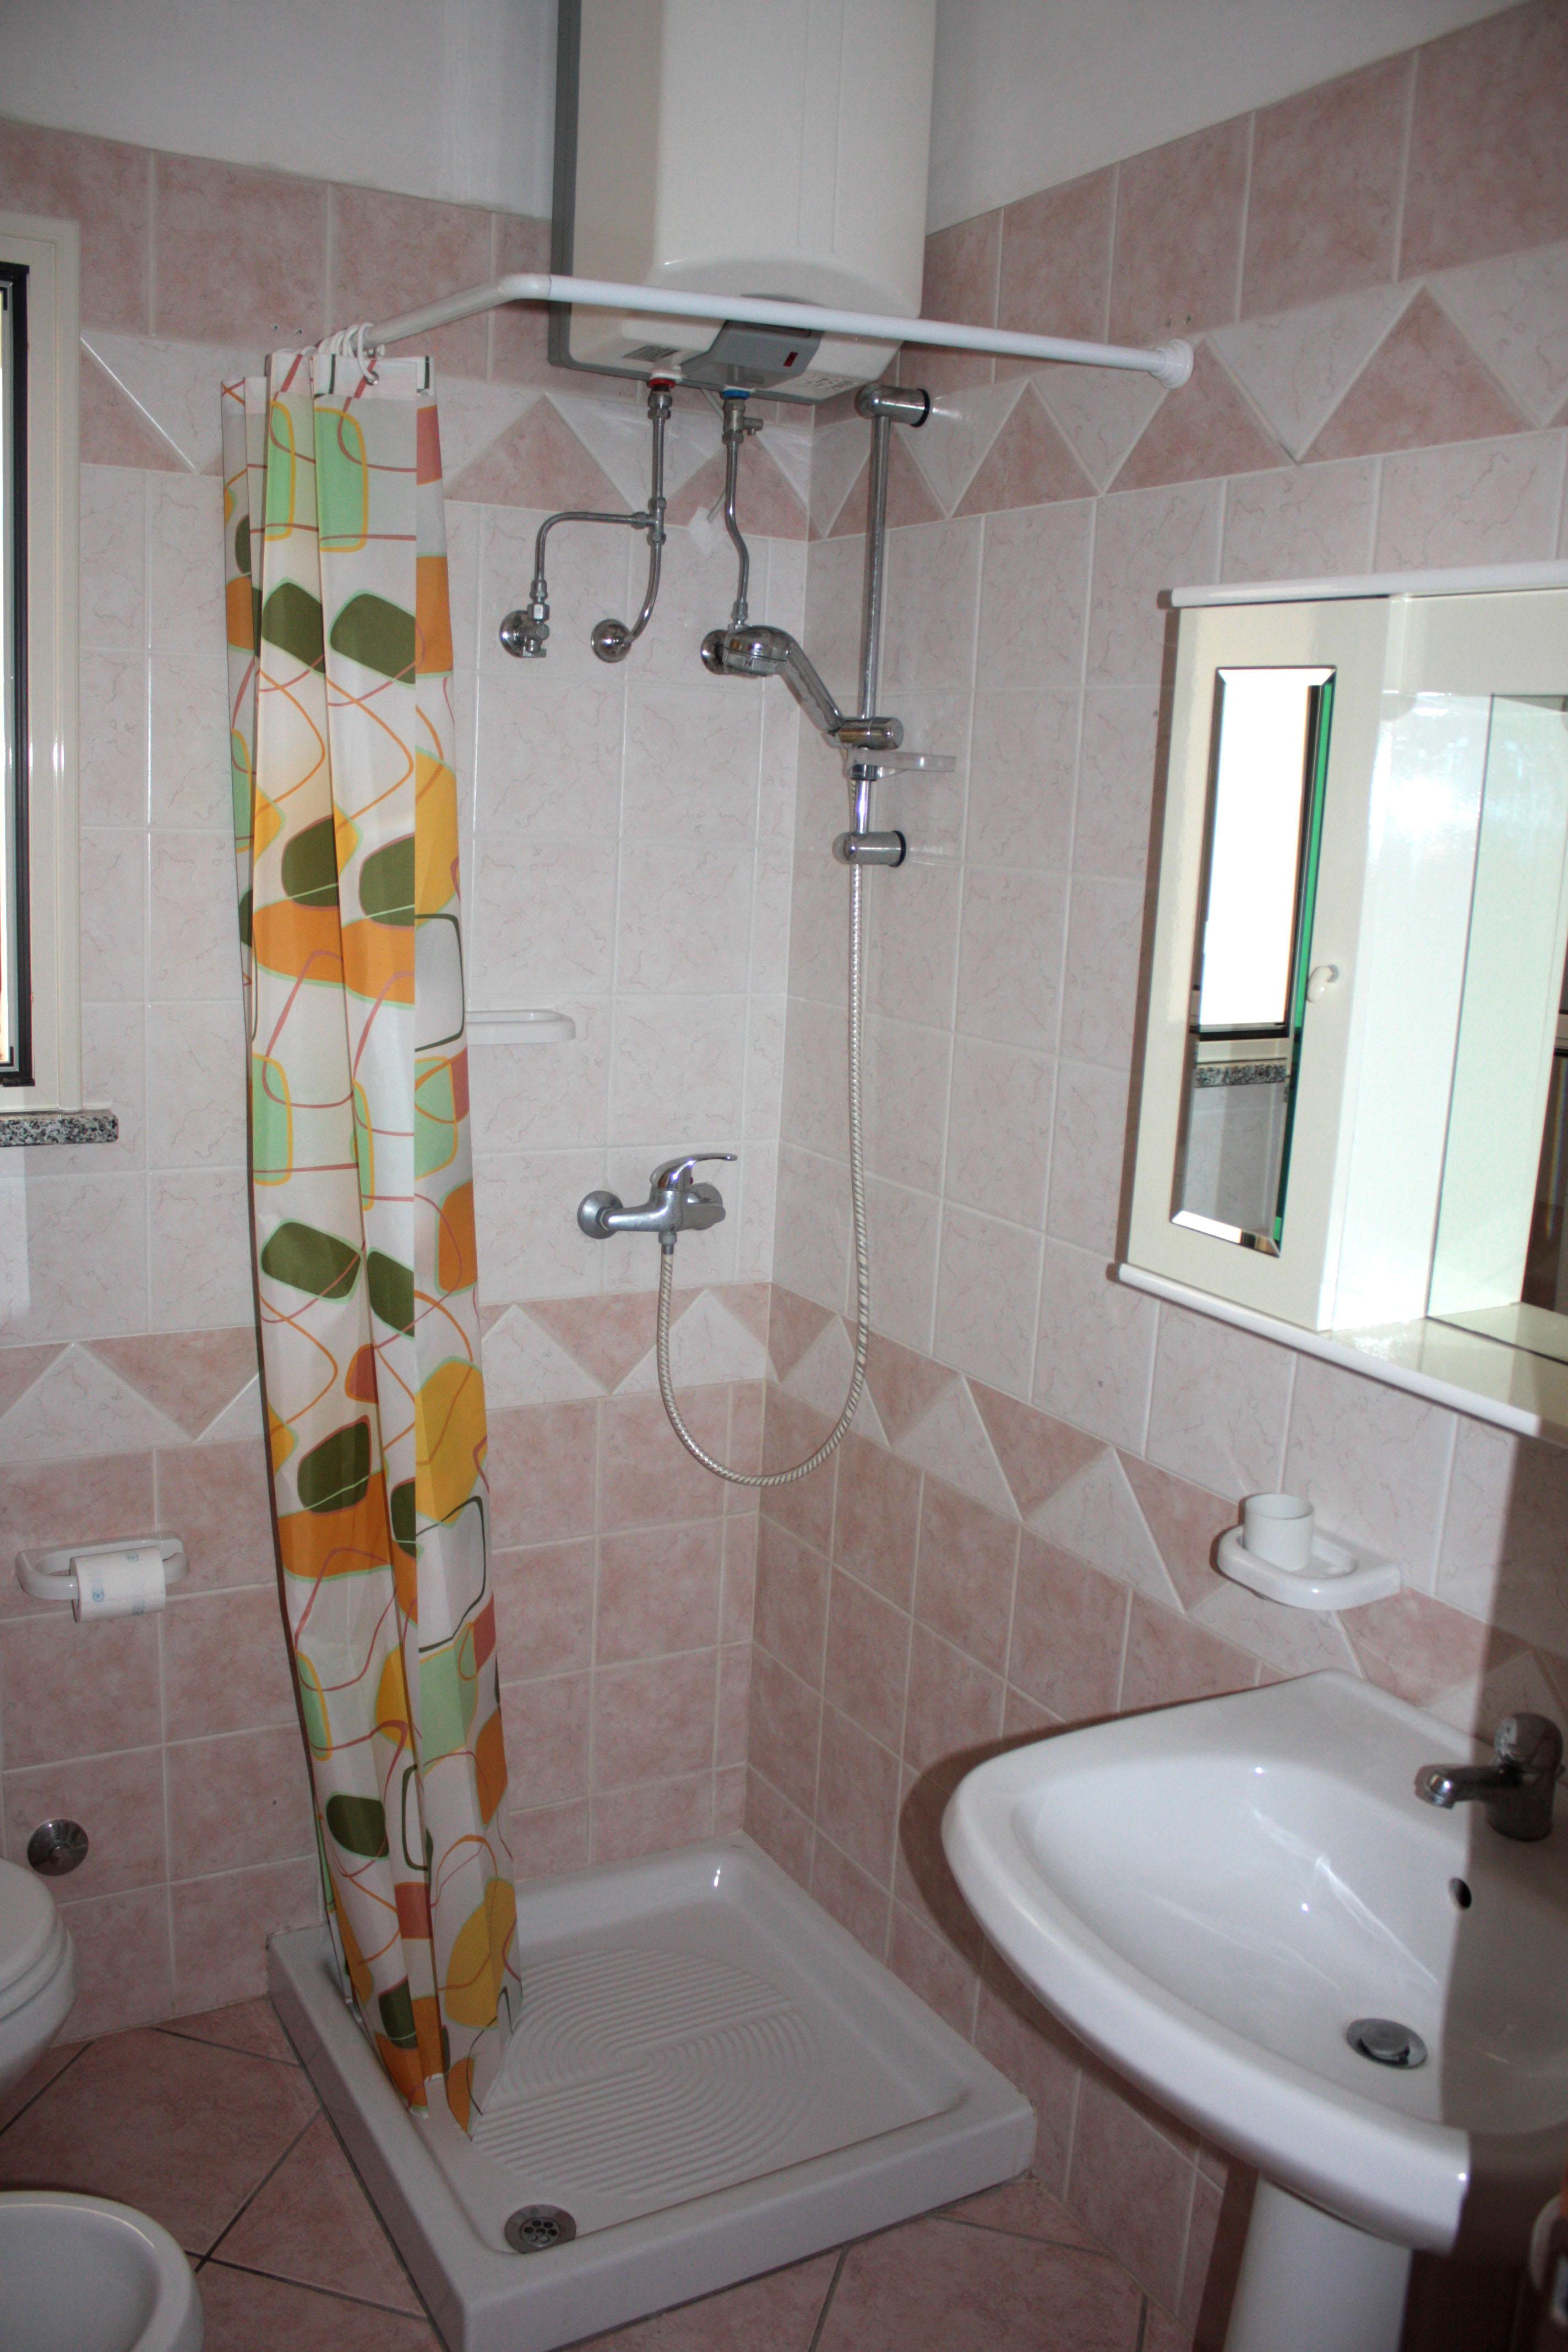 Appartamento a1 serena salento insieme - Doccia per lavandino ...